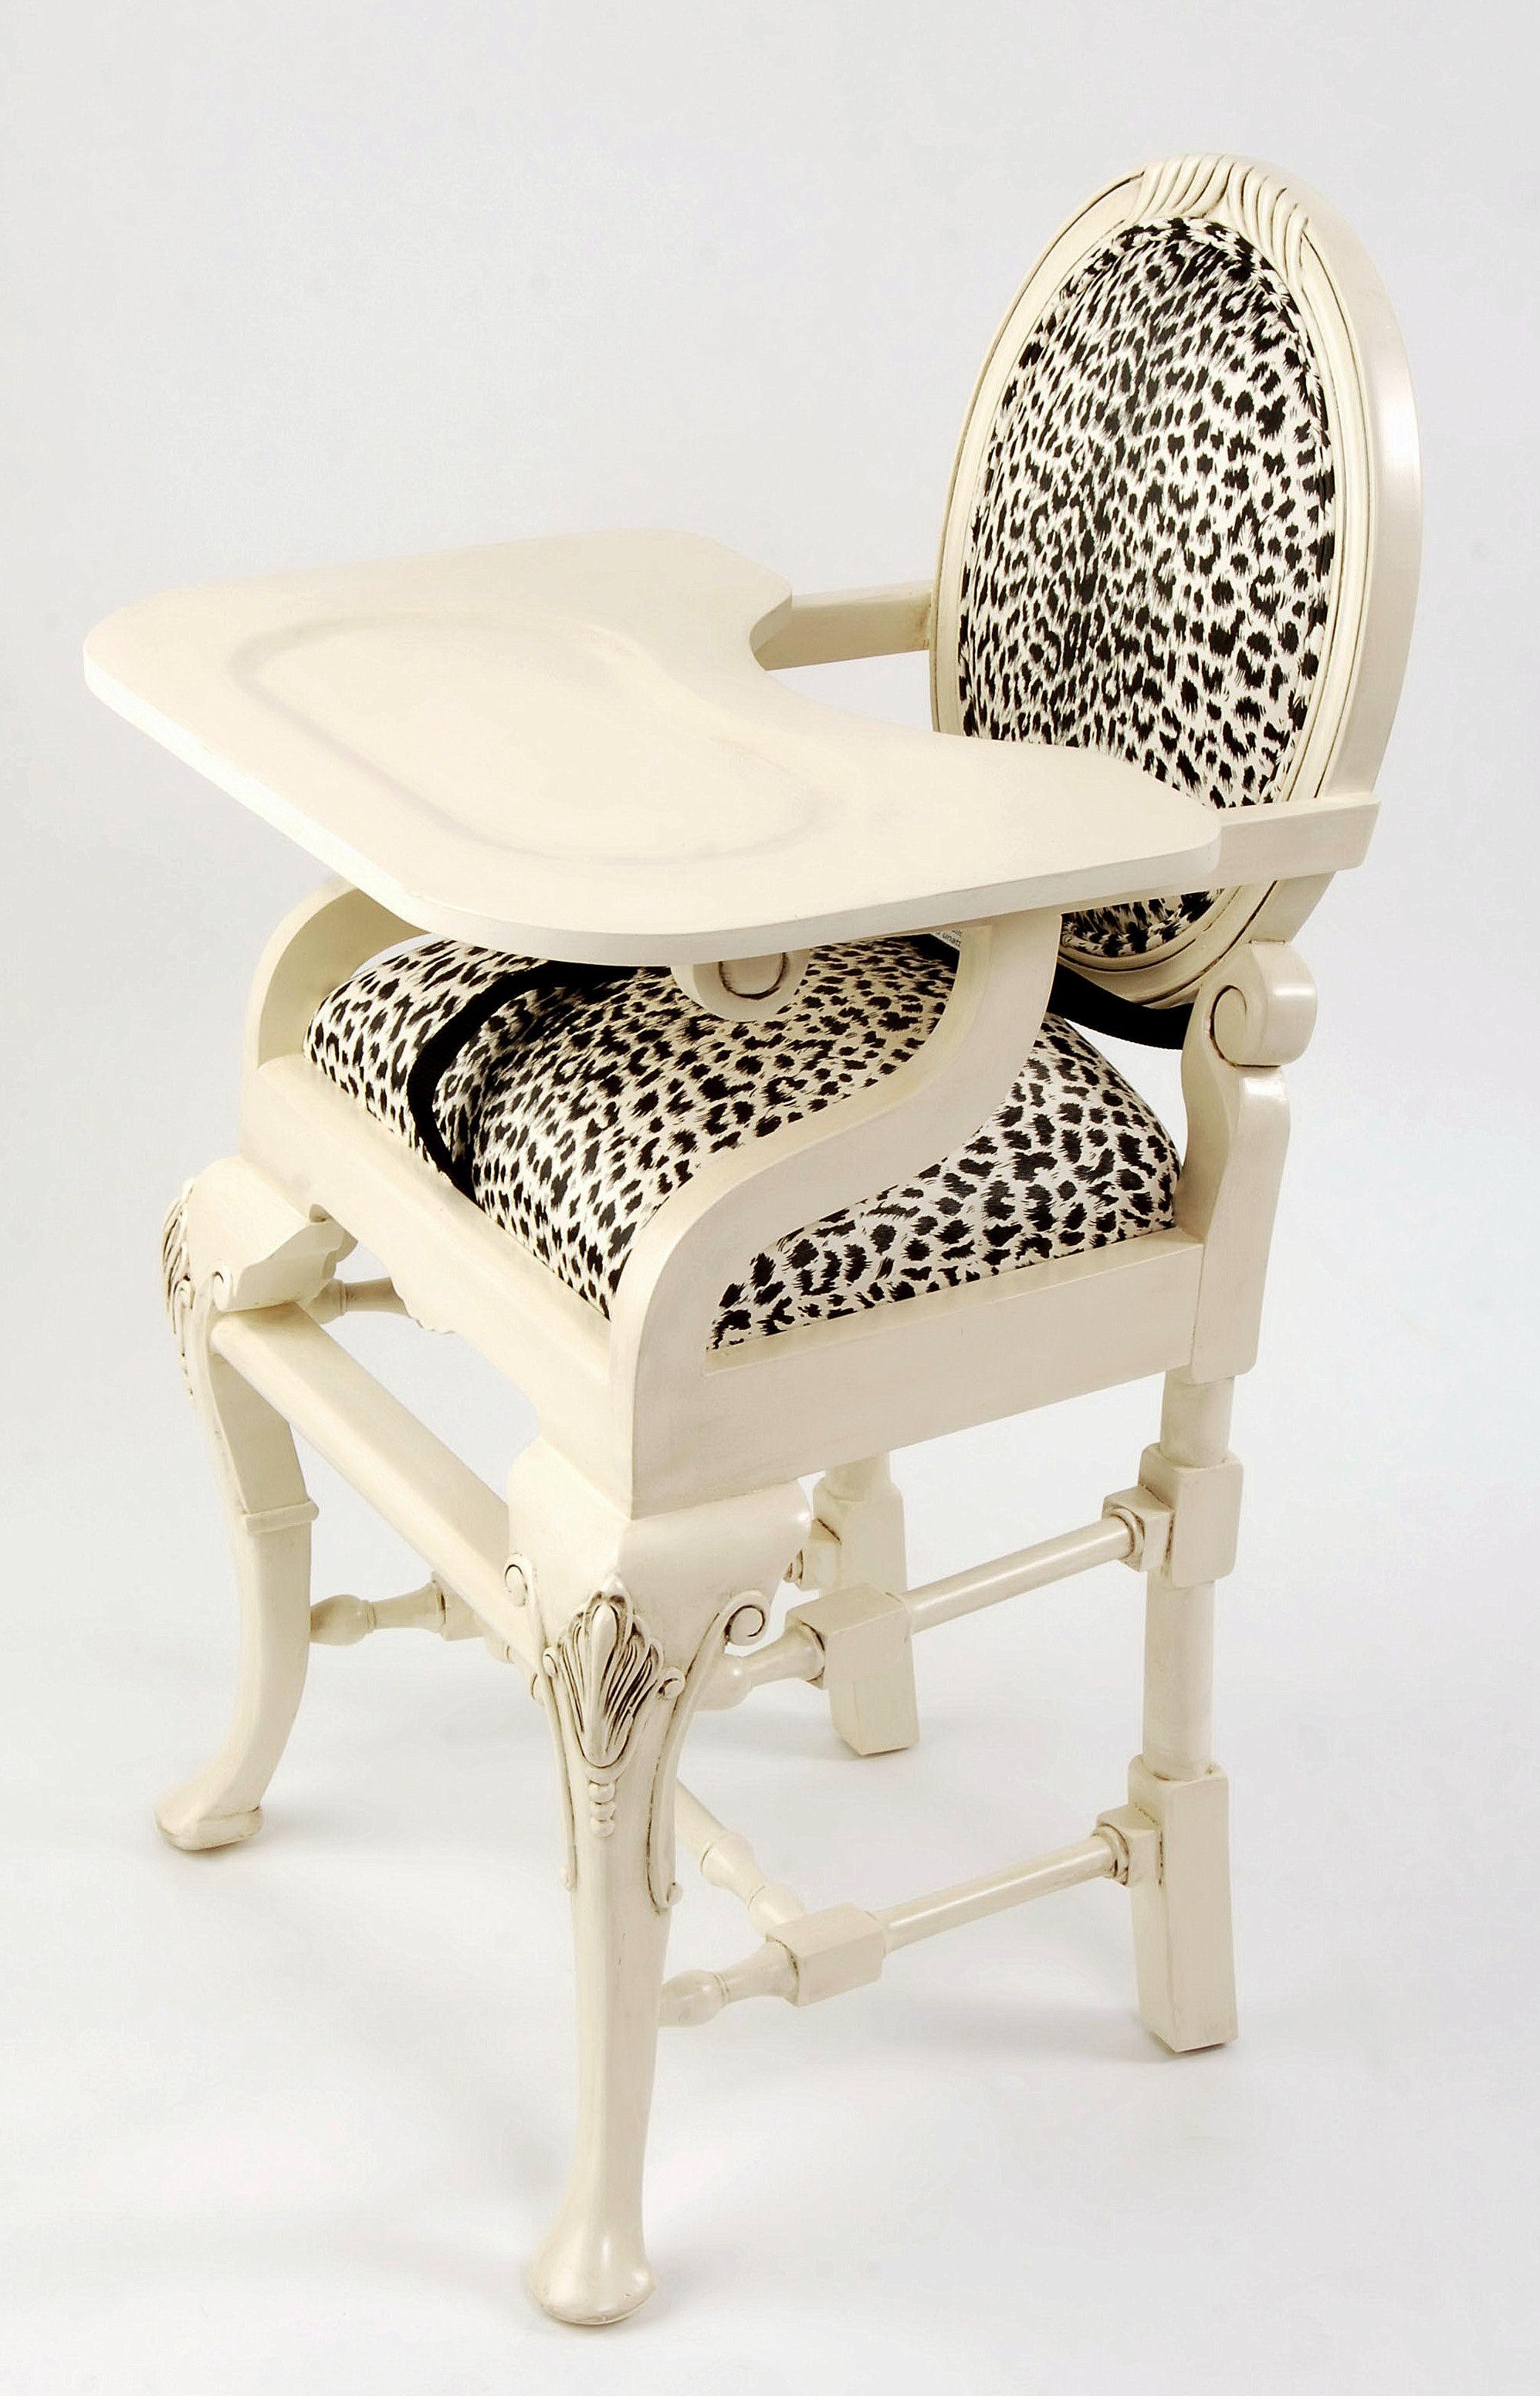 high chair babies Pinterest